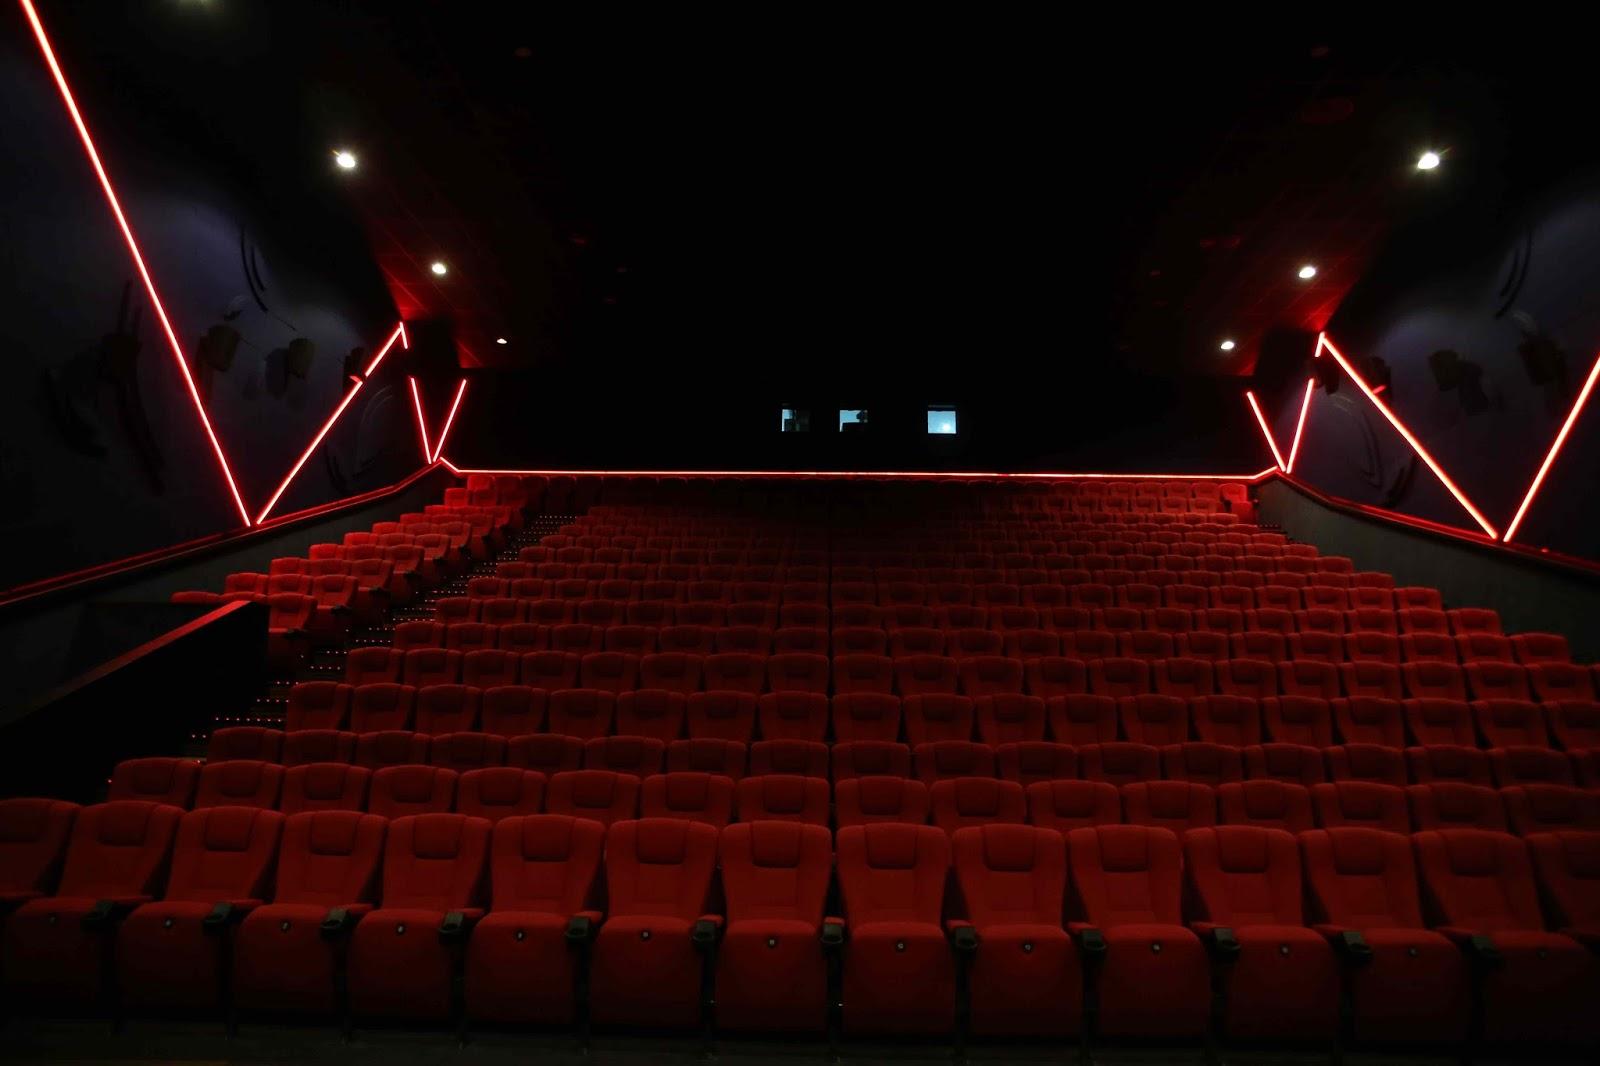 Movie Cinemas In Karachi Locations Ticket Prices Details  -> Fotos De Cinemas